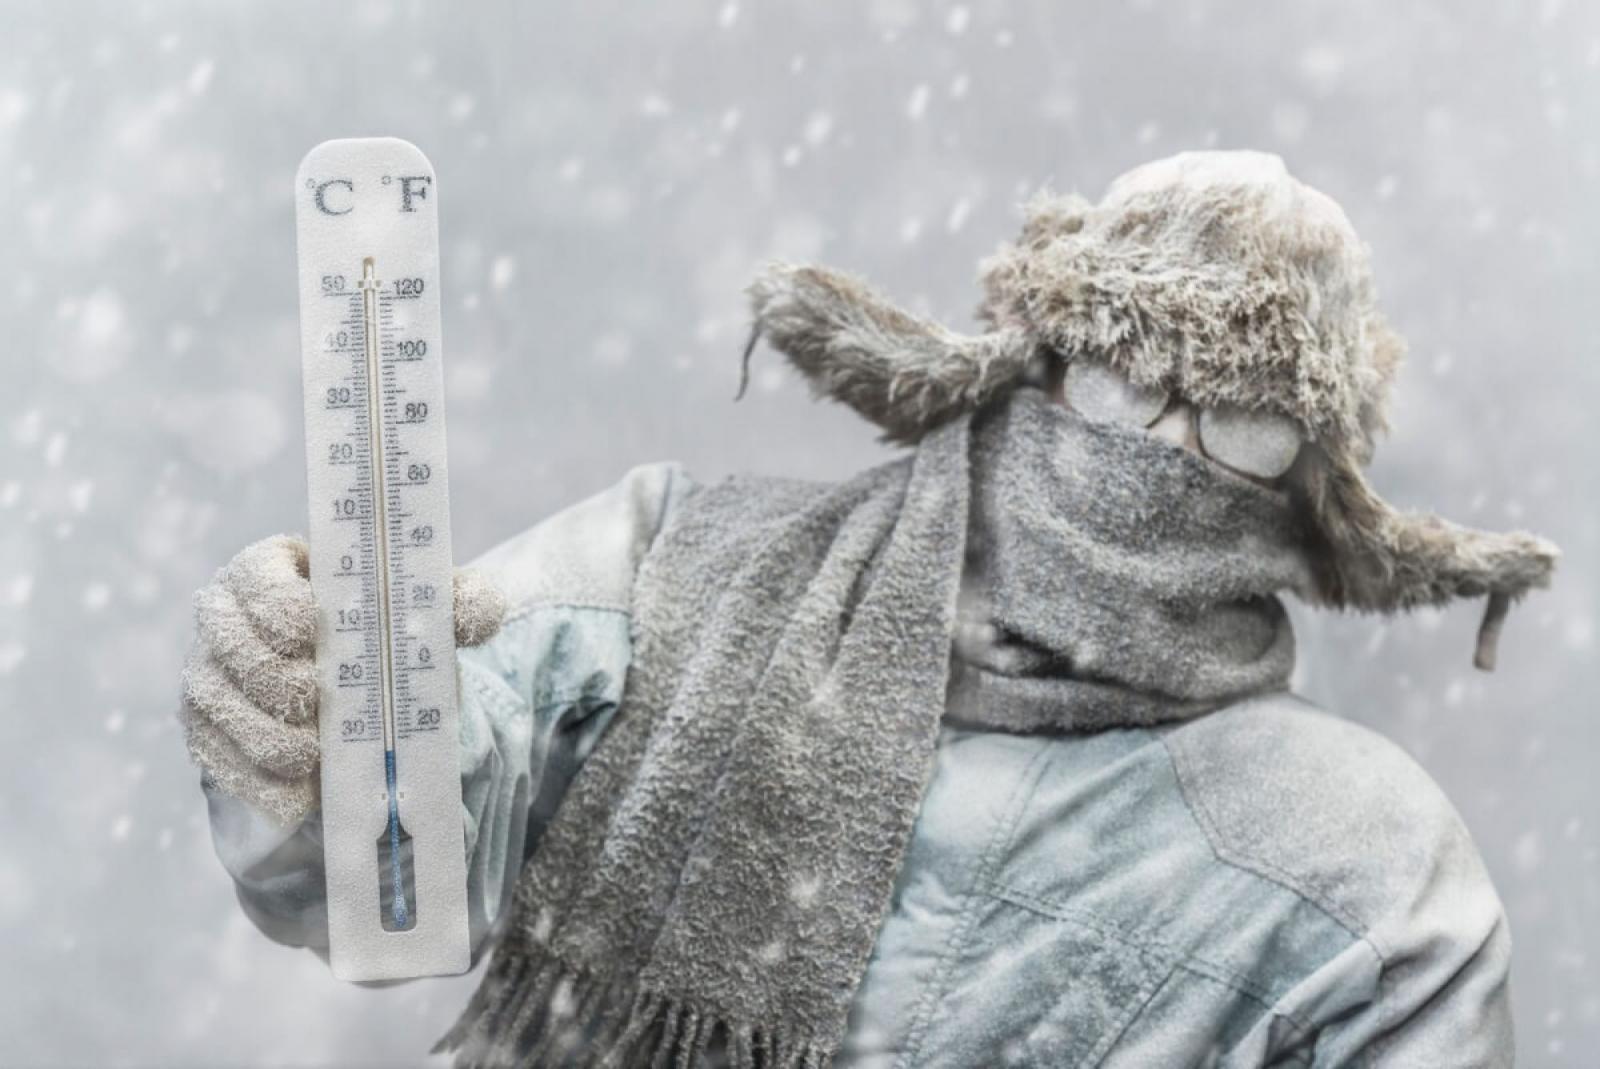 Жителей Брянской области МЧС предупреждает об аномально холодной погоде